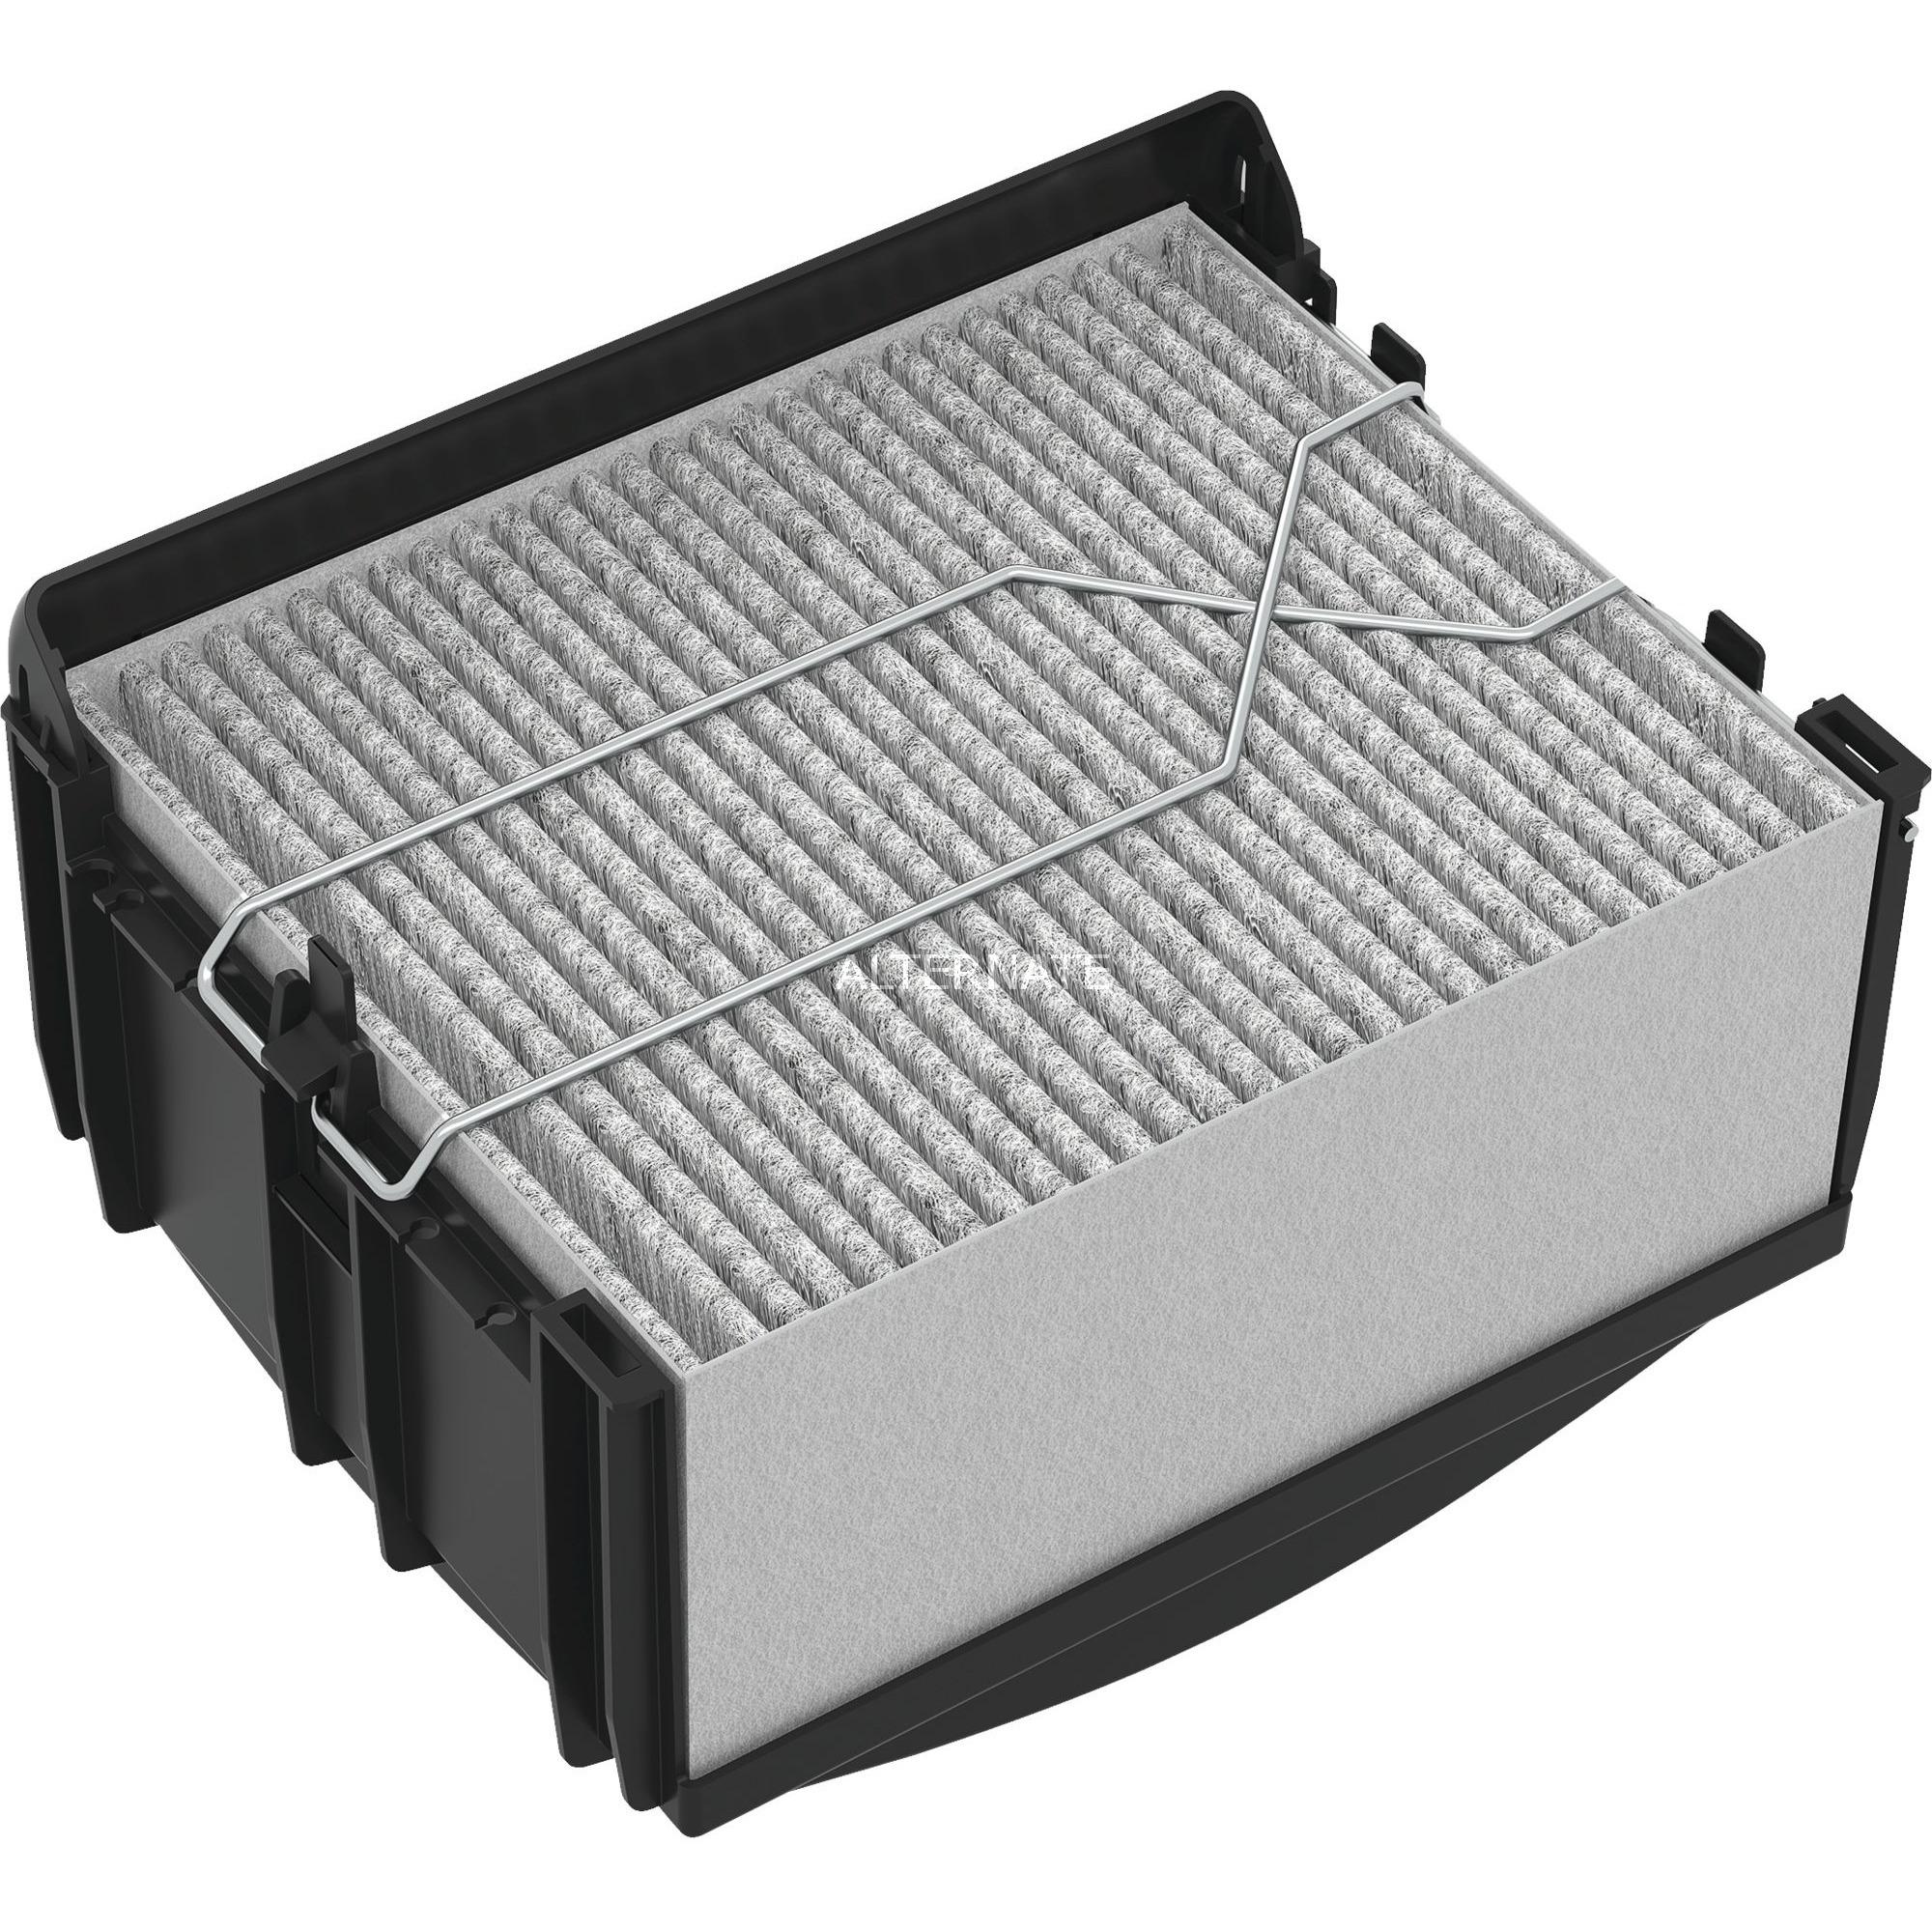 DWZ0XX0I5 accesorio para campana de estufa Filtro para campana extractora, Set de modificación